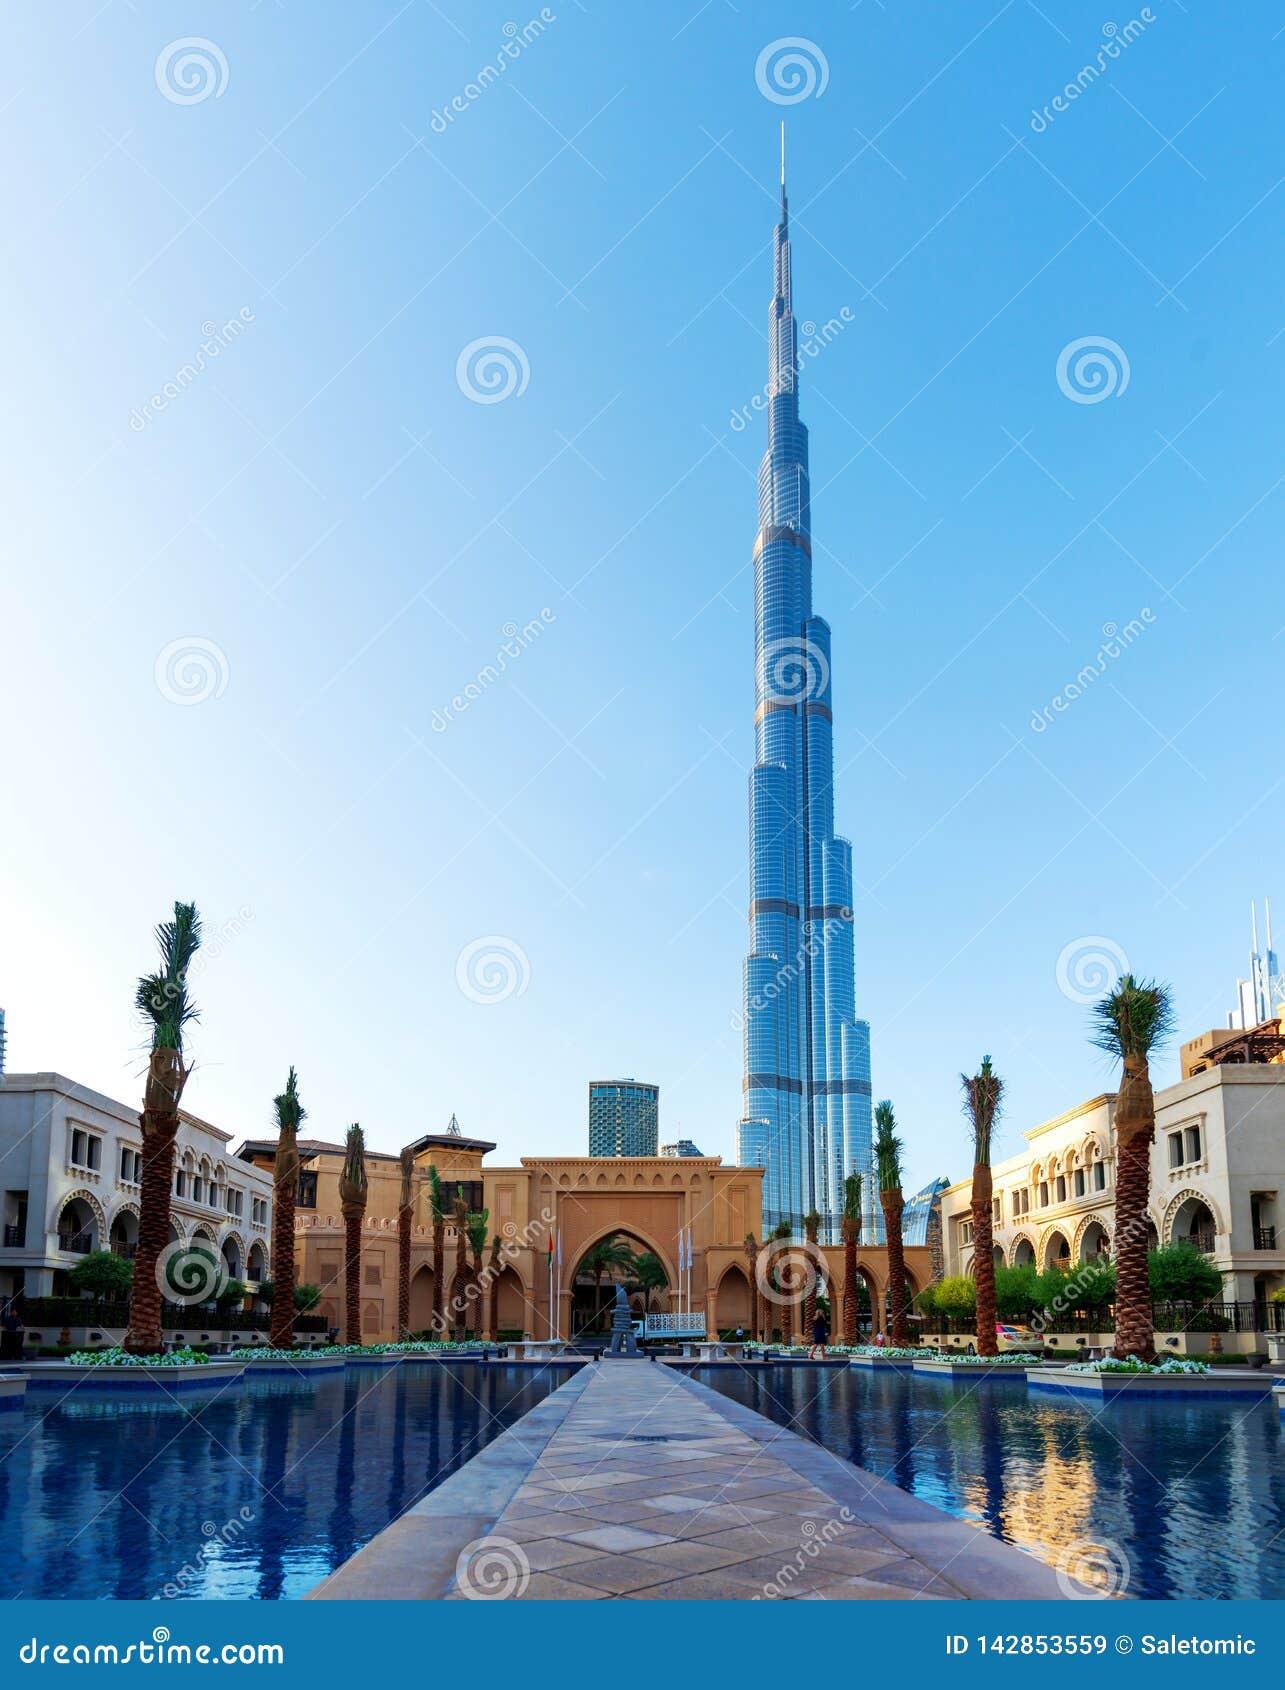 Dubai, Emiratos Árabes Unidos - 11 de dezembro de 2018: Opinião de Burj Khalifa sobre o hotel do centro do palácio